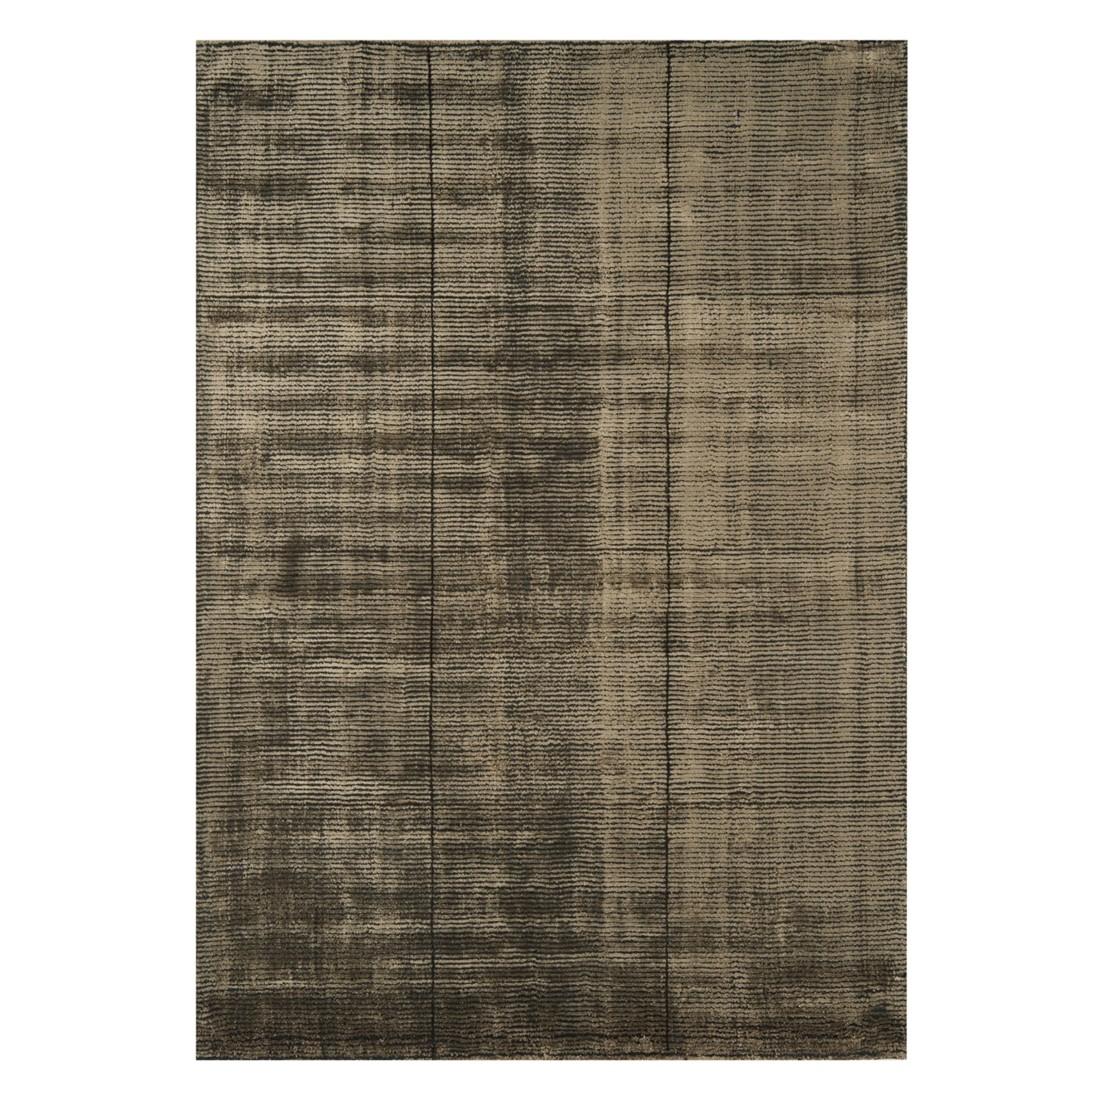 Teppich Pure – Viskose/ Wolle – Braun – 160×230 cm, benuta jetzt kaufen